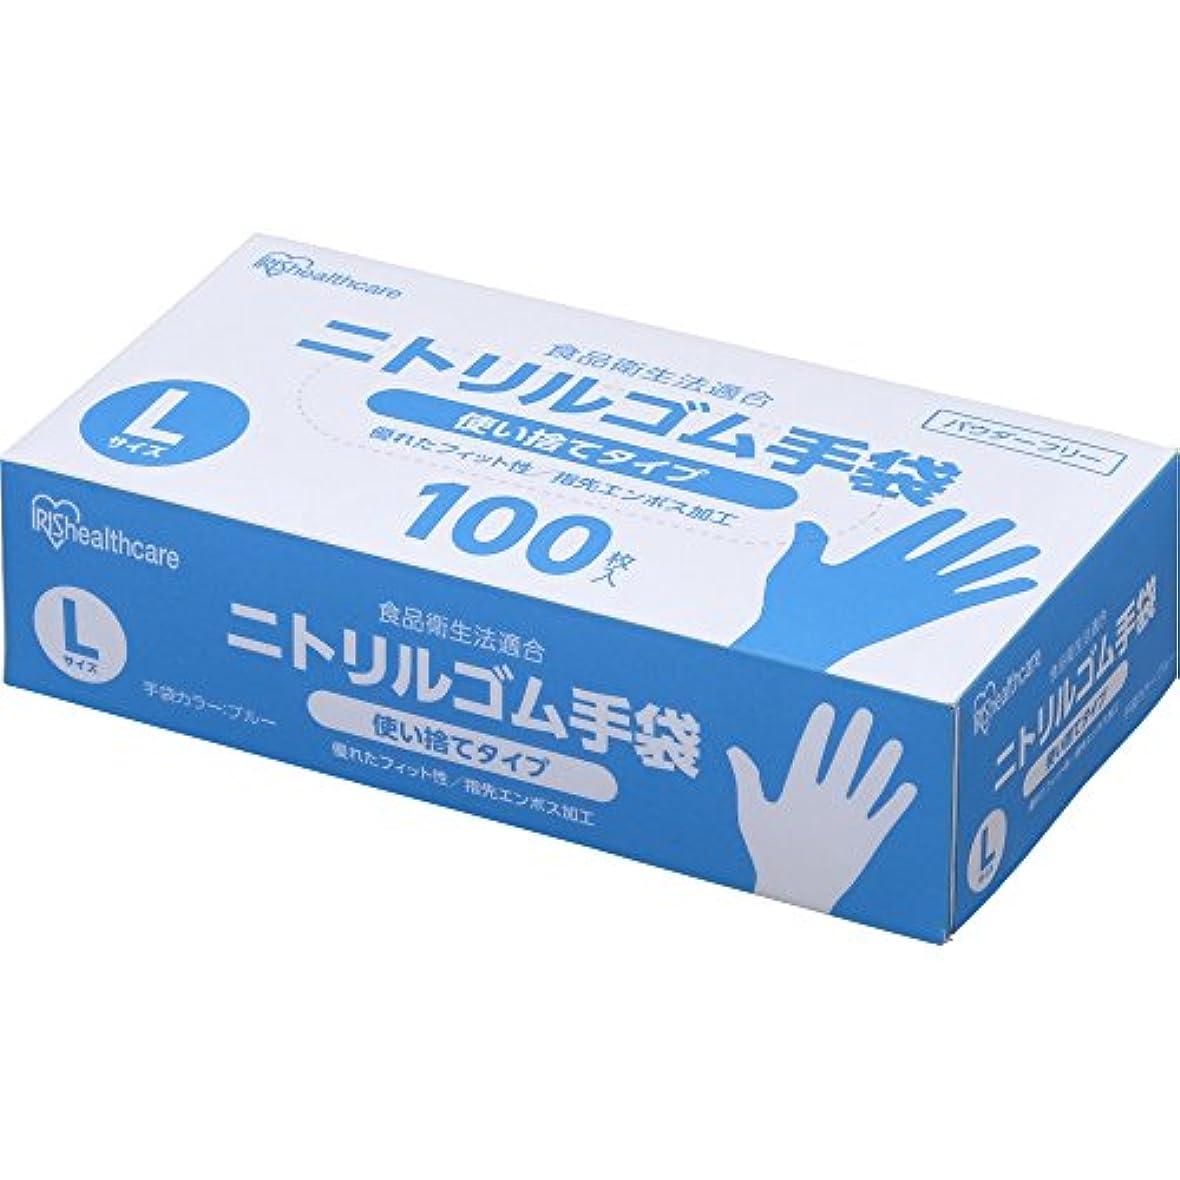 スリル感度含めるアイリスオーヤマ 使い捨て手袋 ブルー ニトリルゴム 100枚 Lサイズ 業務用